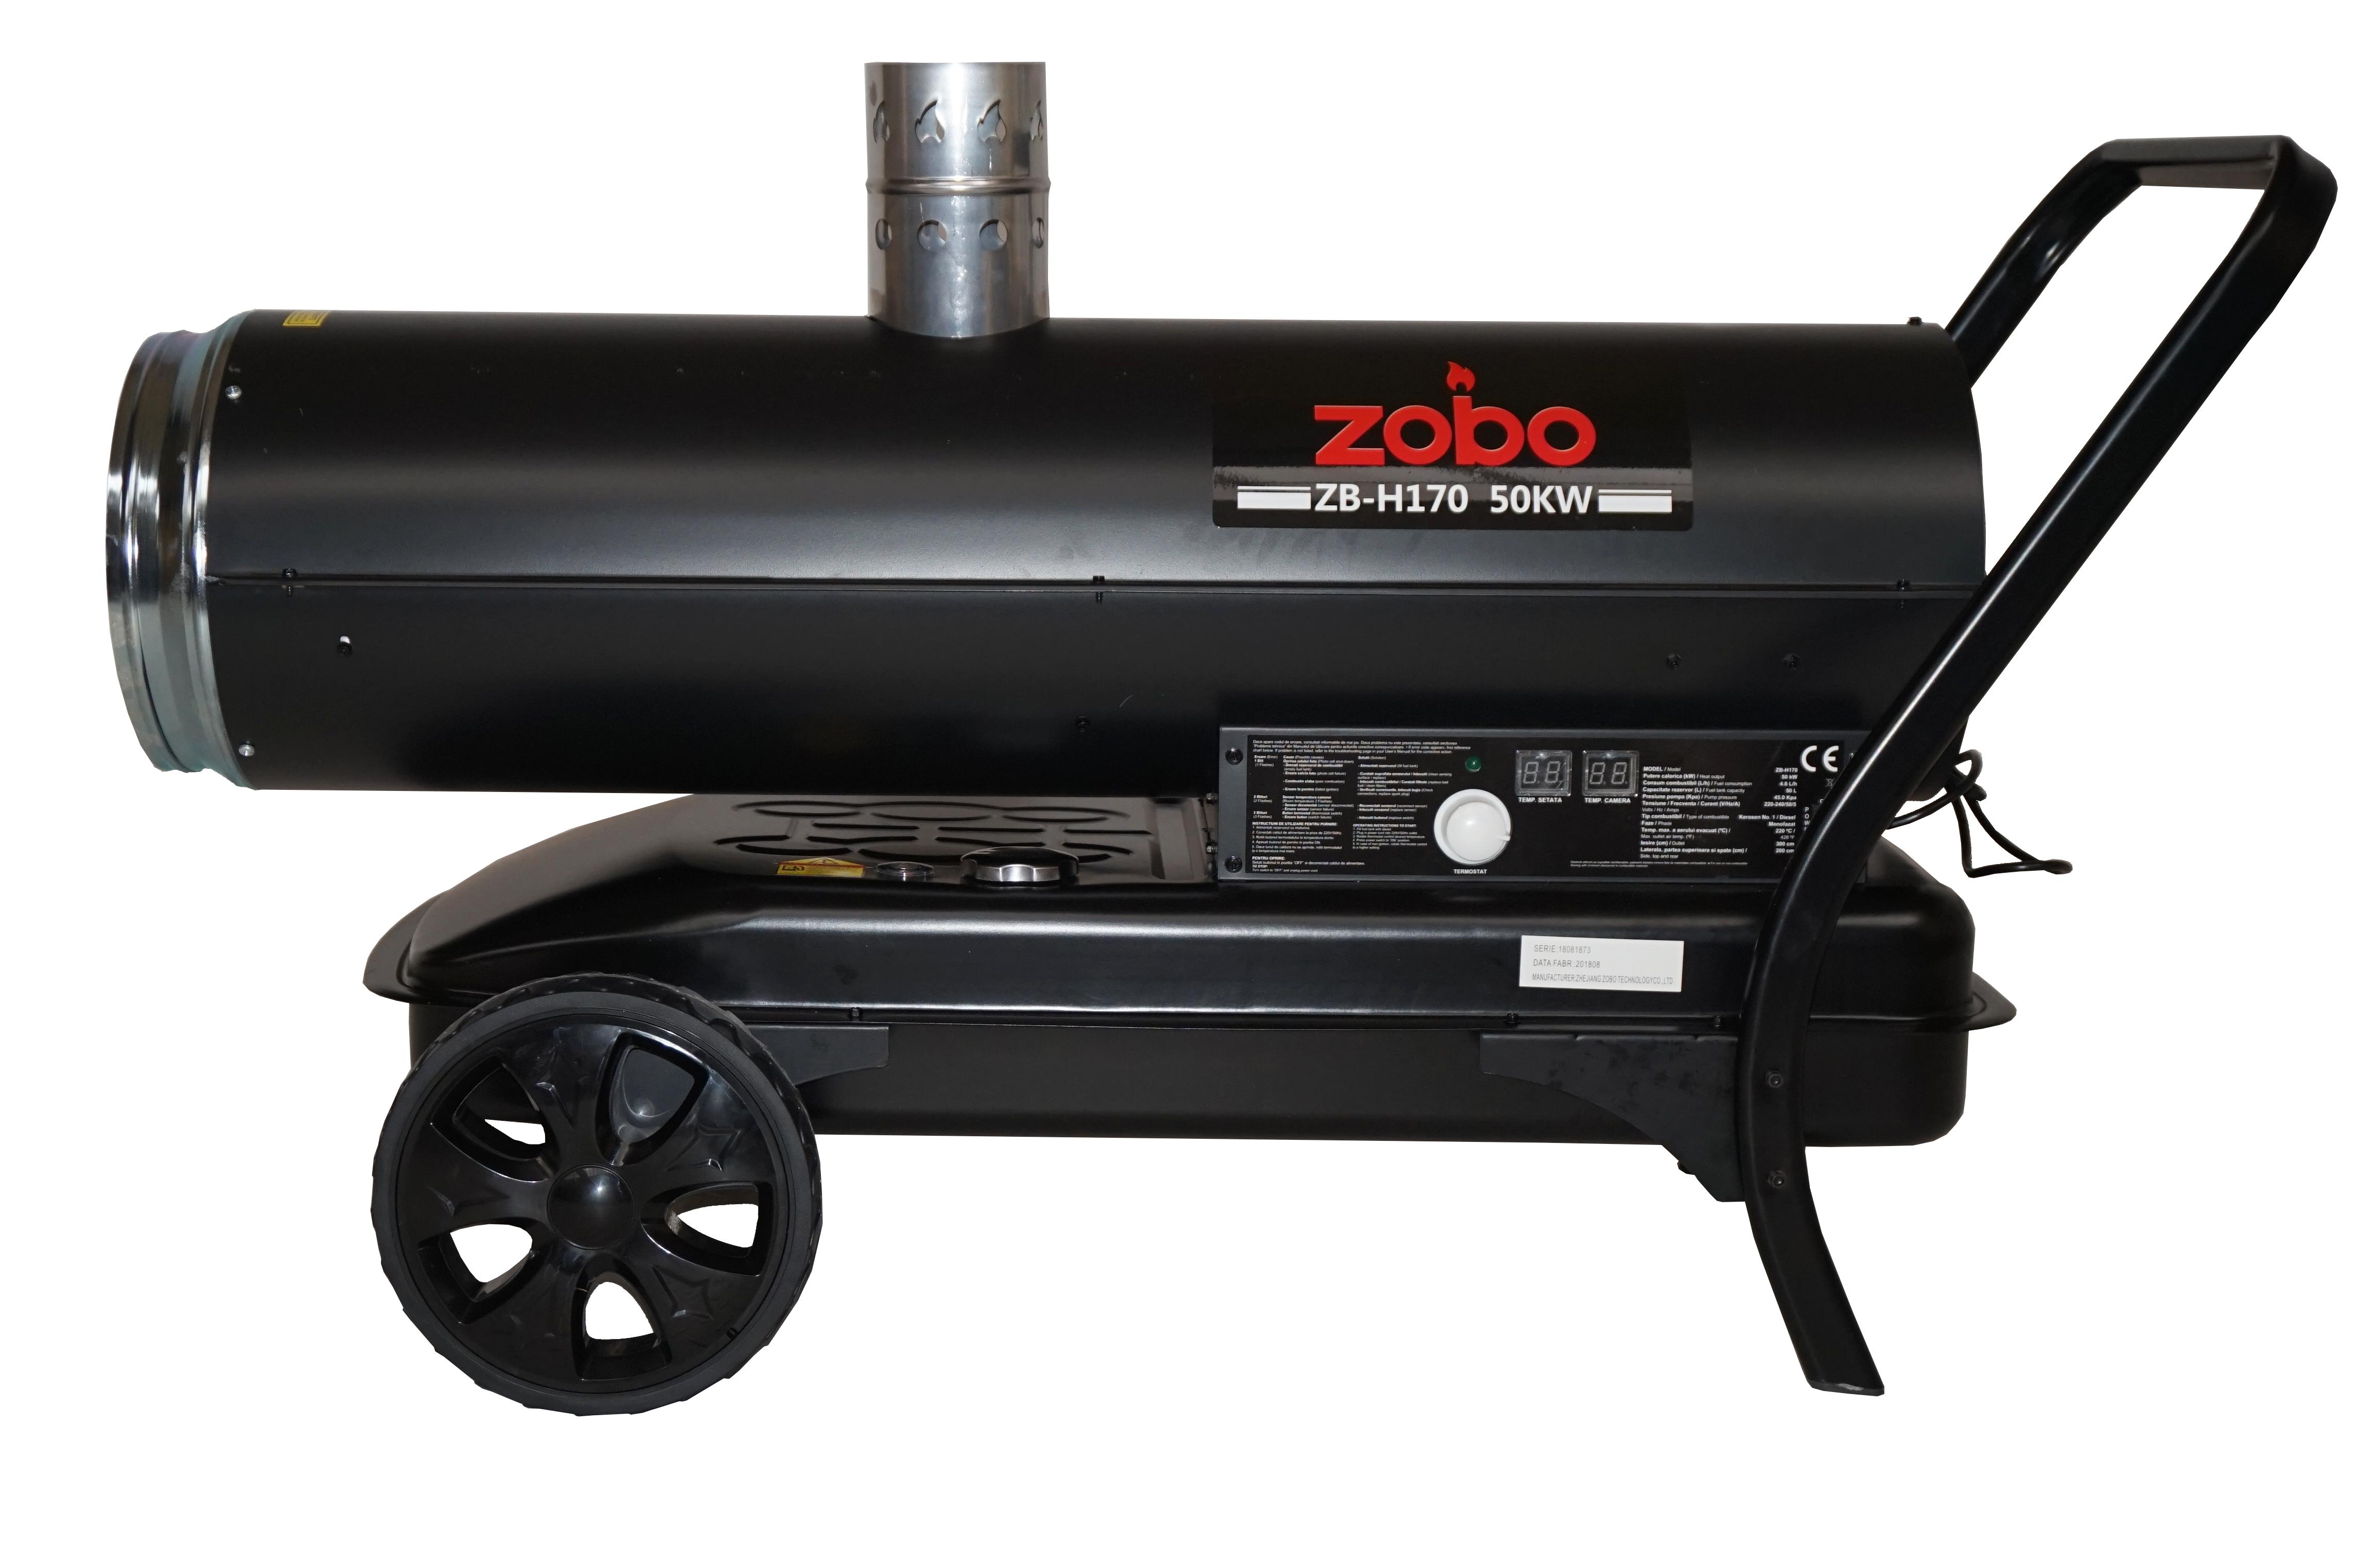 Zobo ZB-H170 Tun de aer cald, ardere indirecta, 50kW [1]